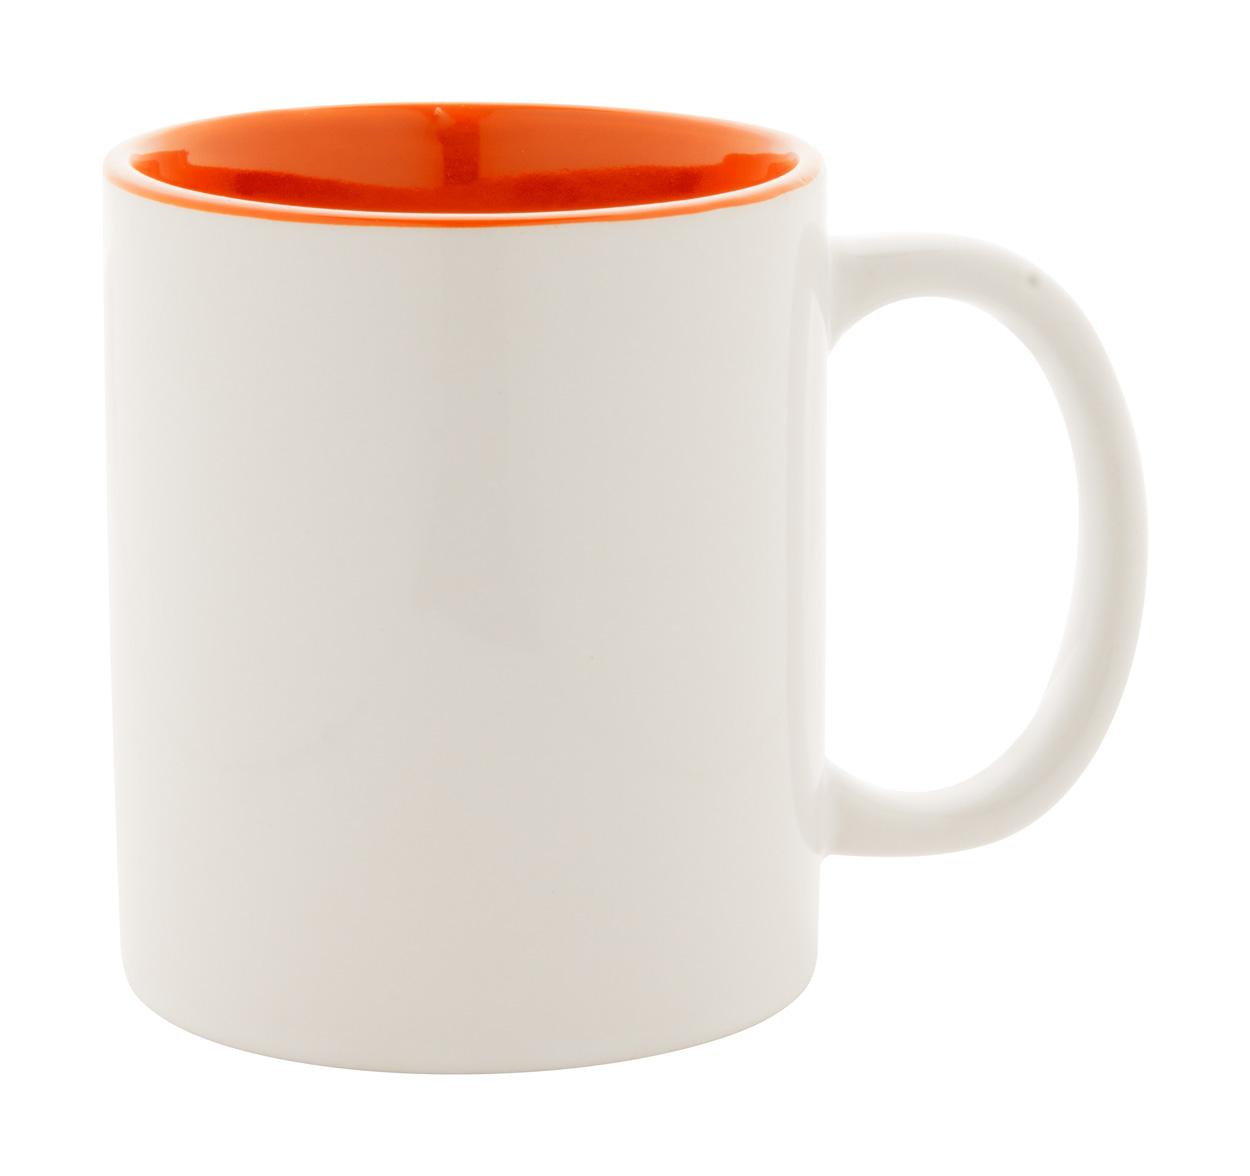 Loom mug